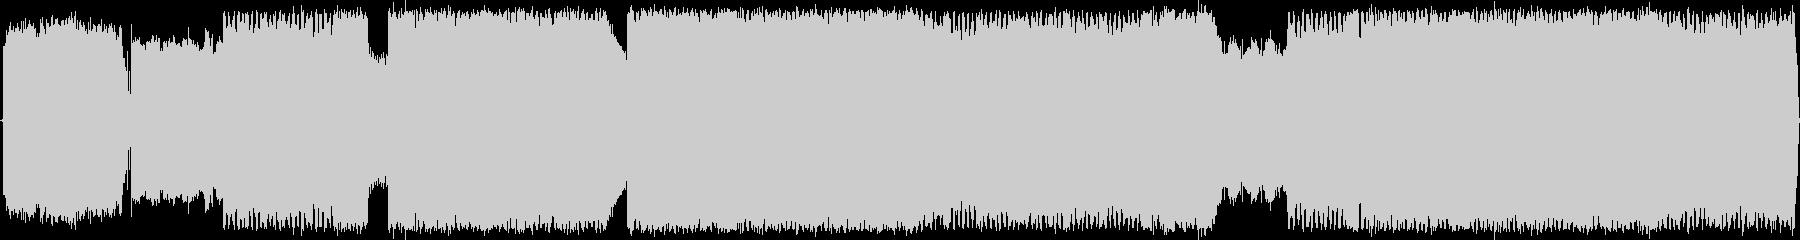 EDMで不気味なハロウィンダンスの未再生の波形